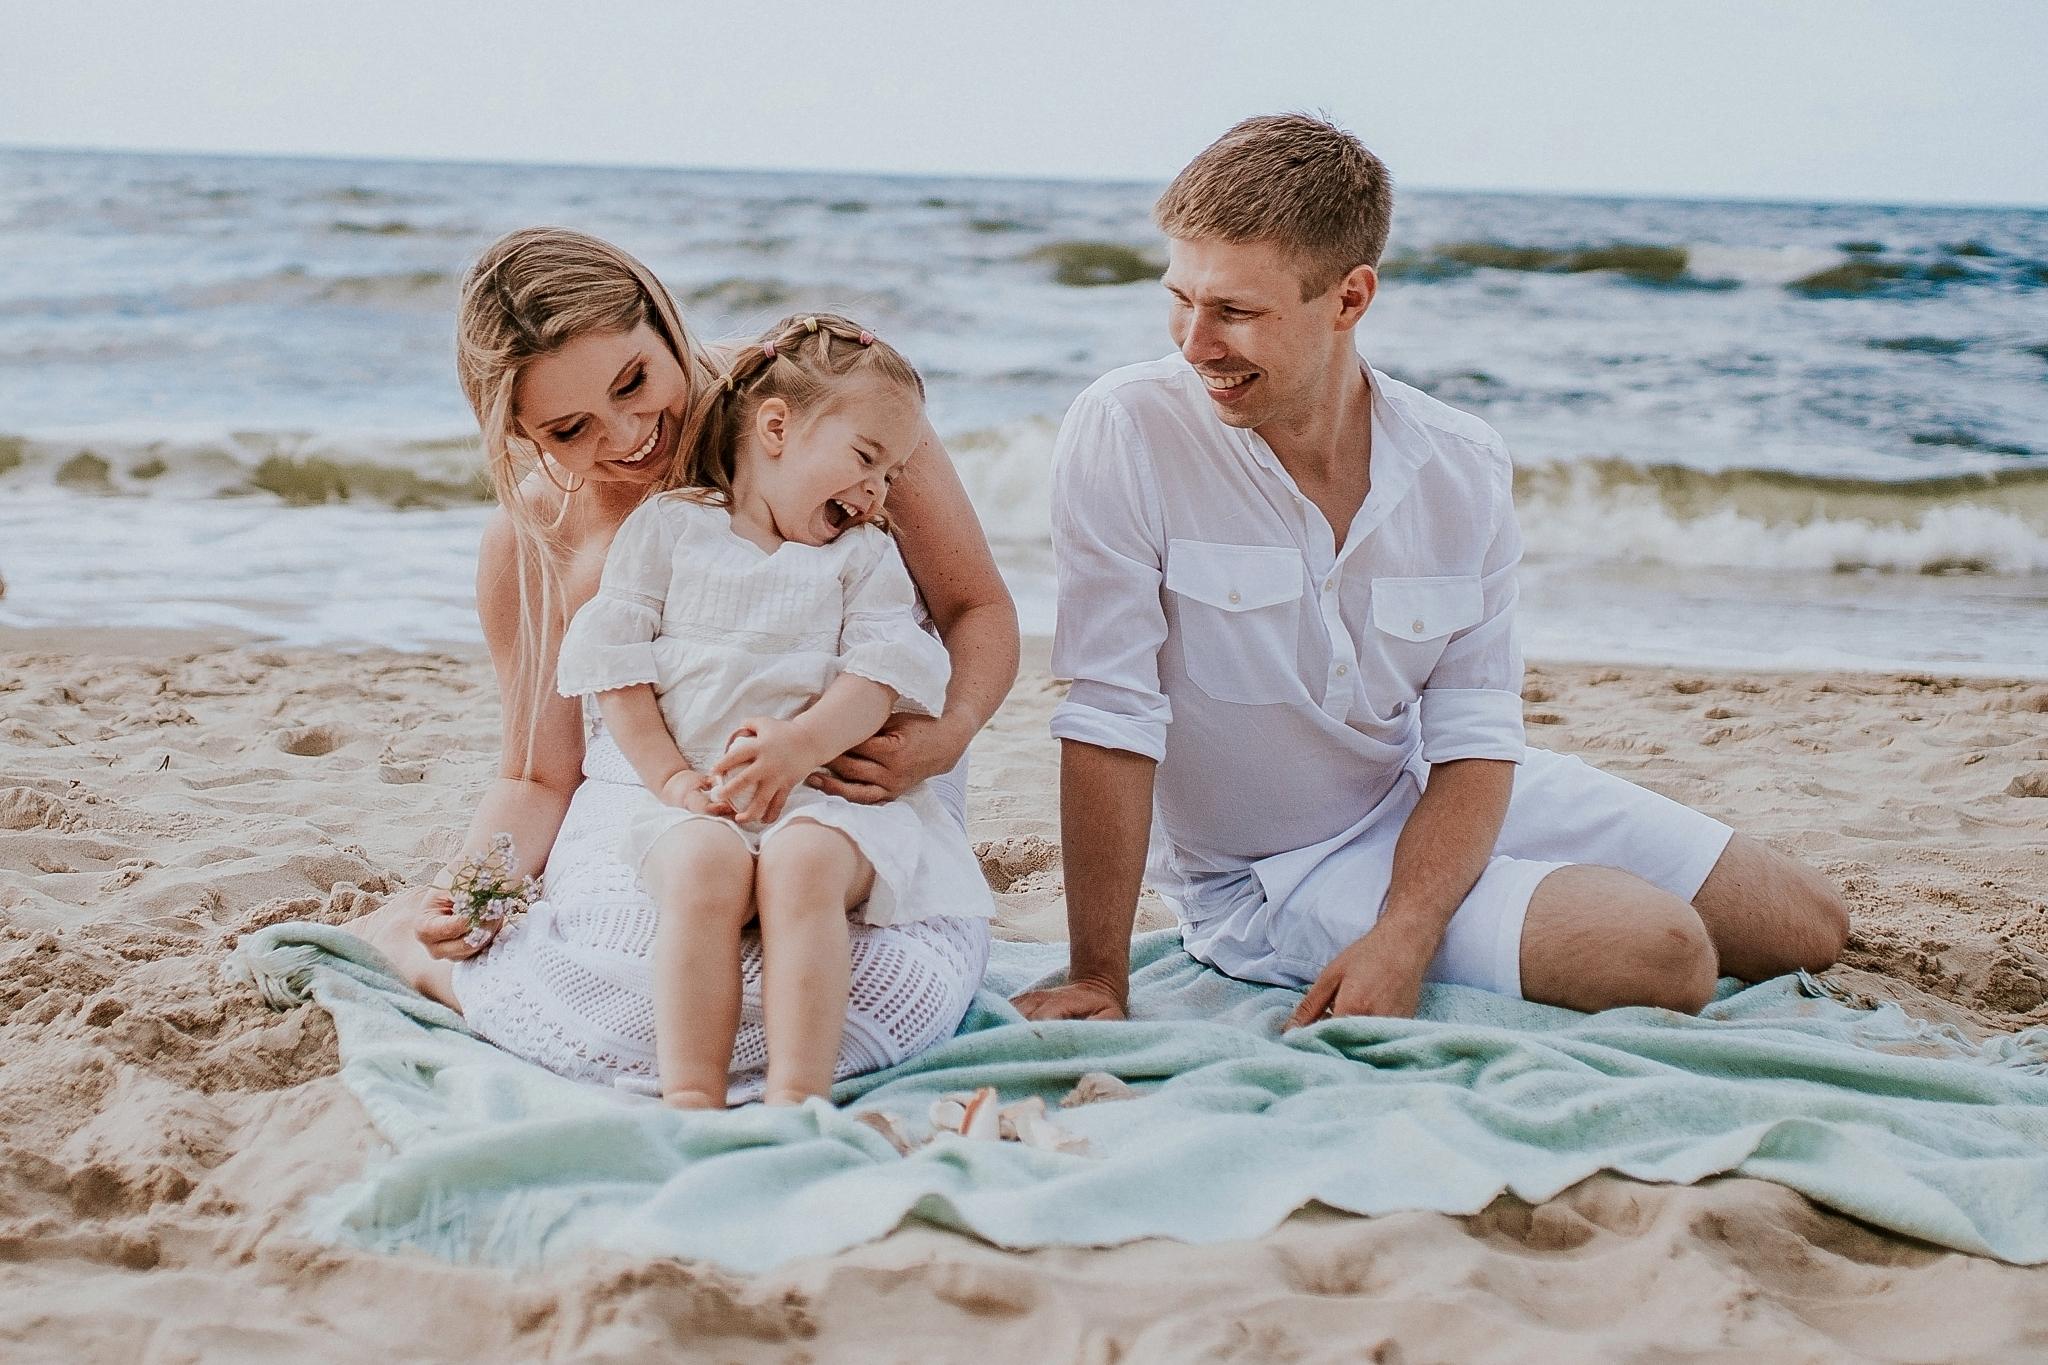 Fotografia rodzinna, sesja zdjęciowa rodzinna nad morzem